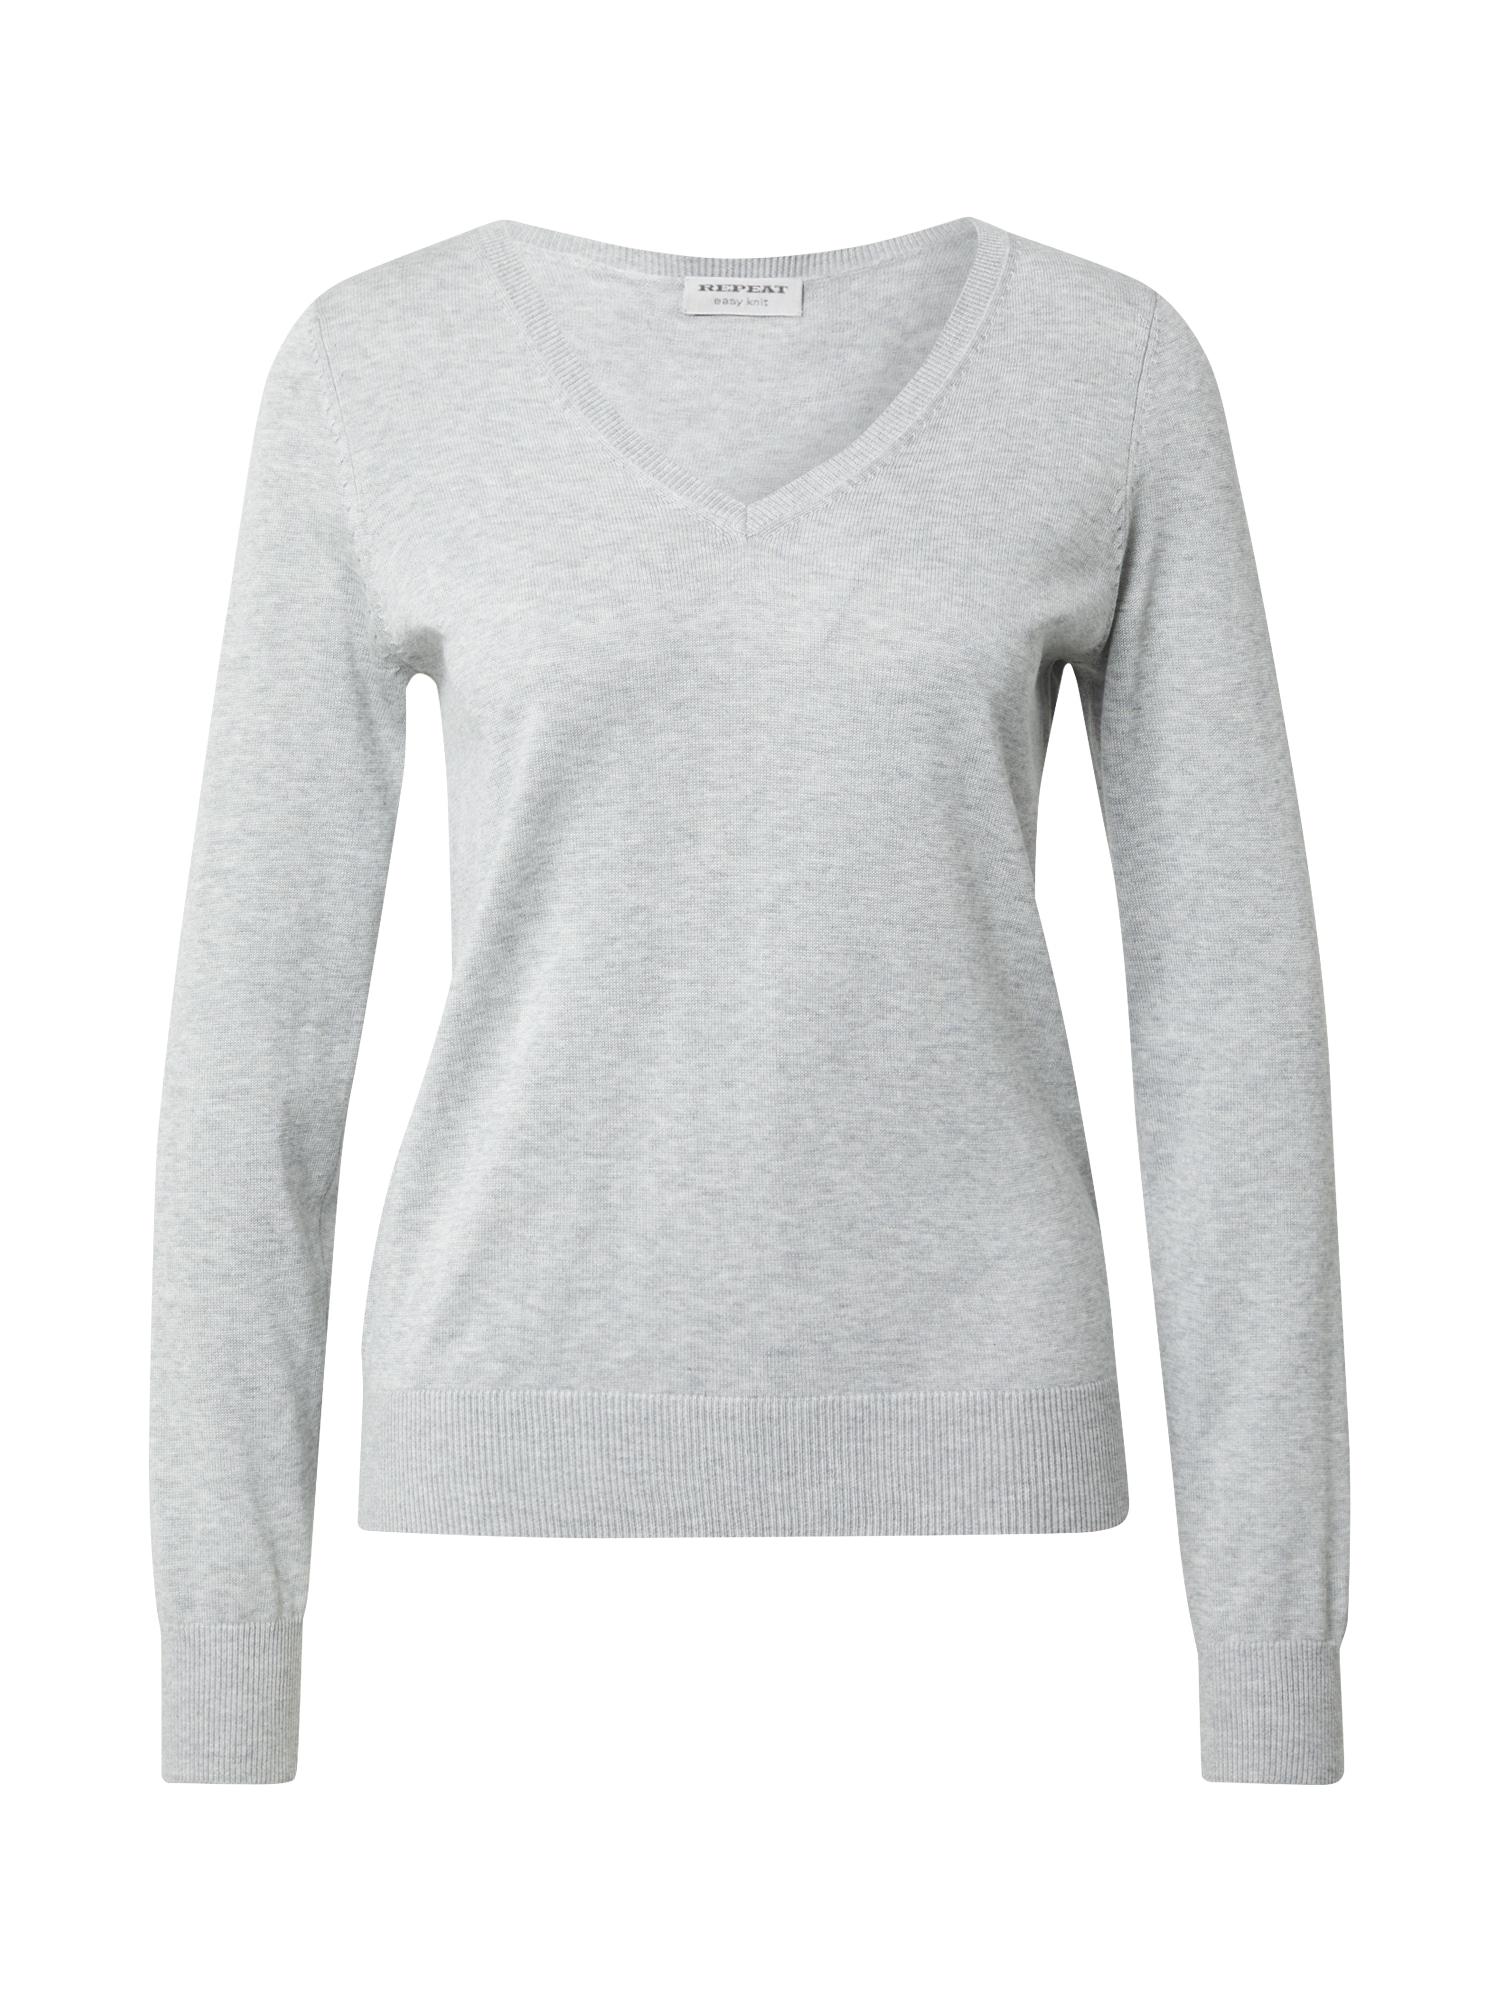 REPEAT Megztinis margai pilka